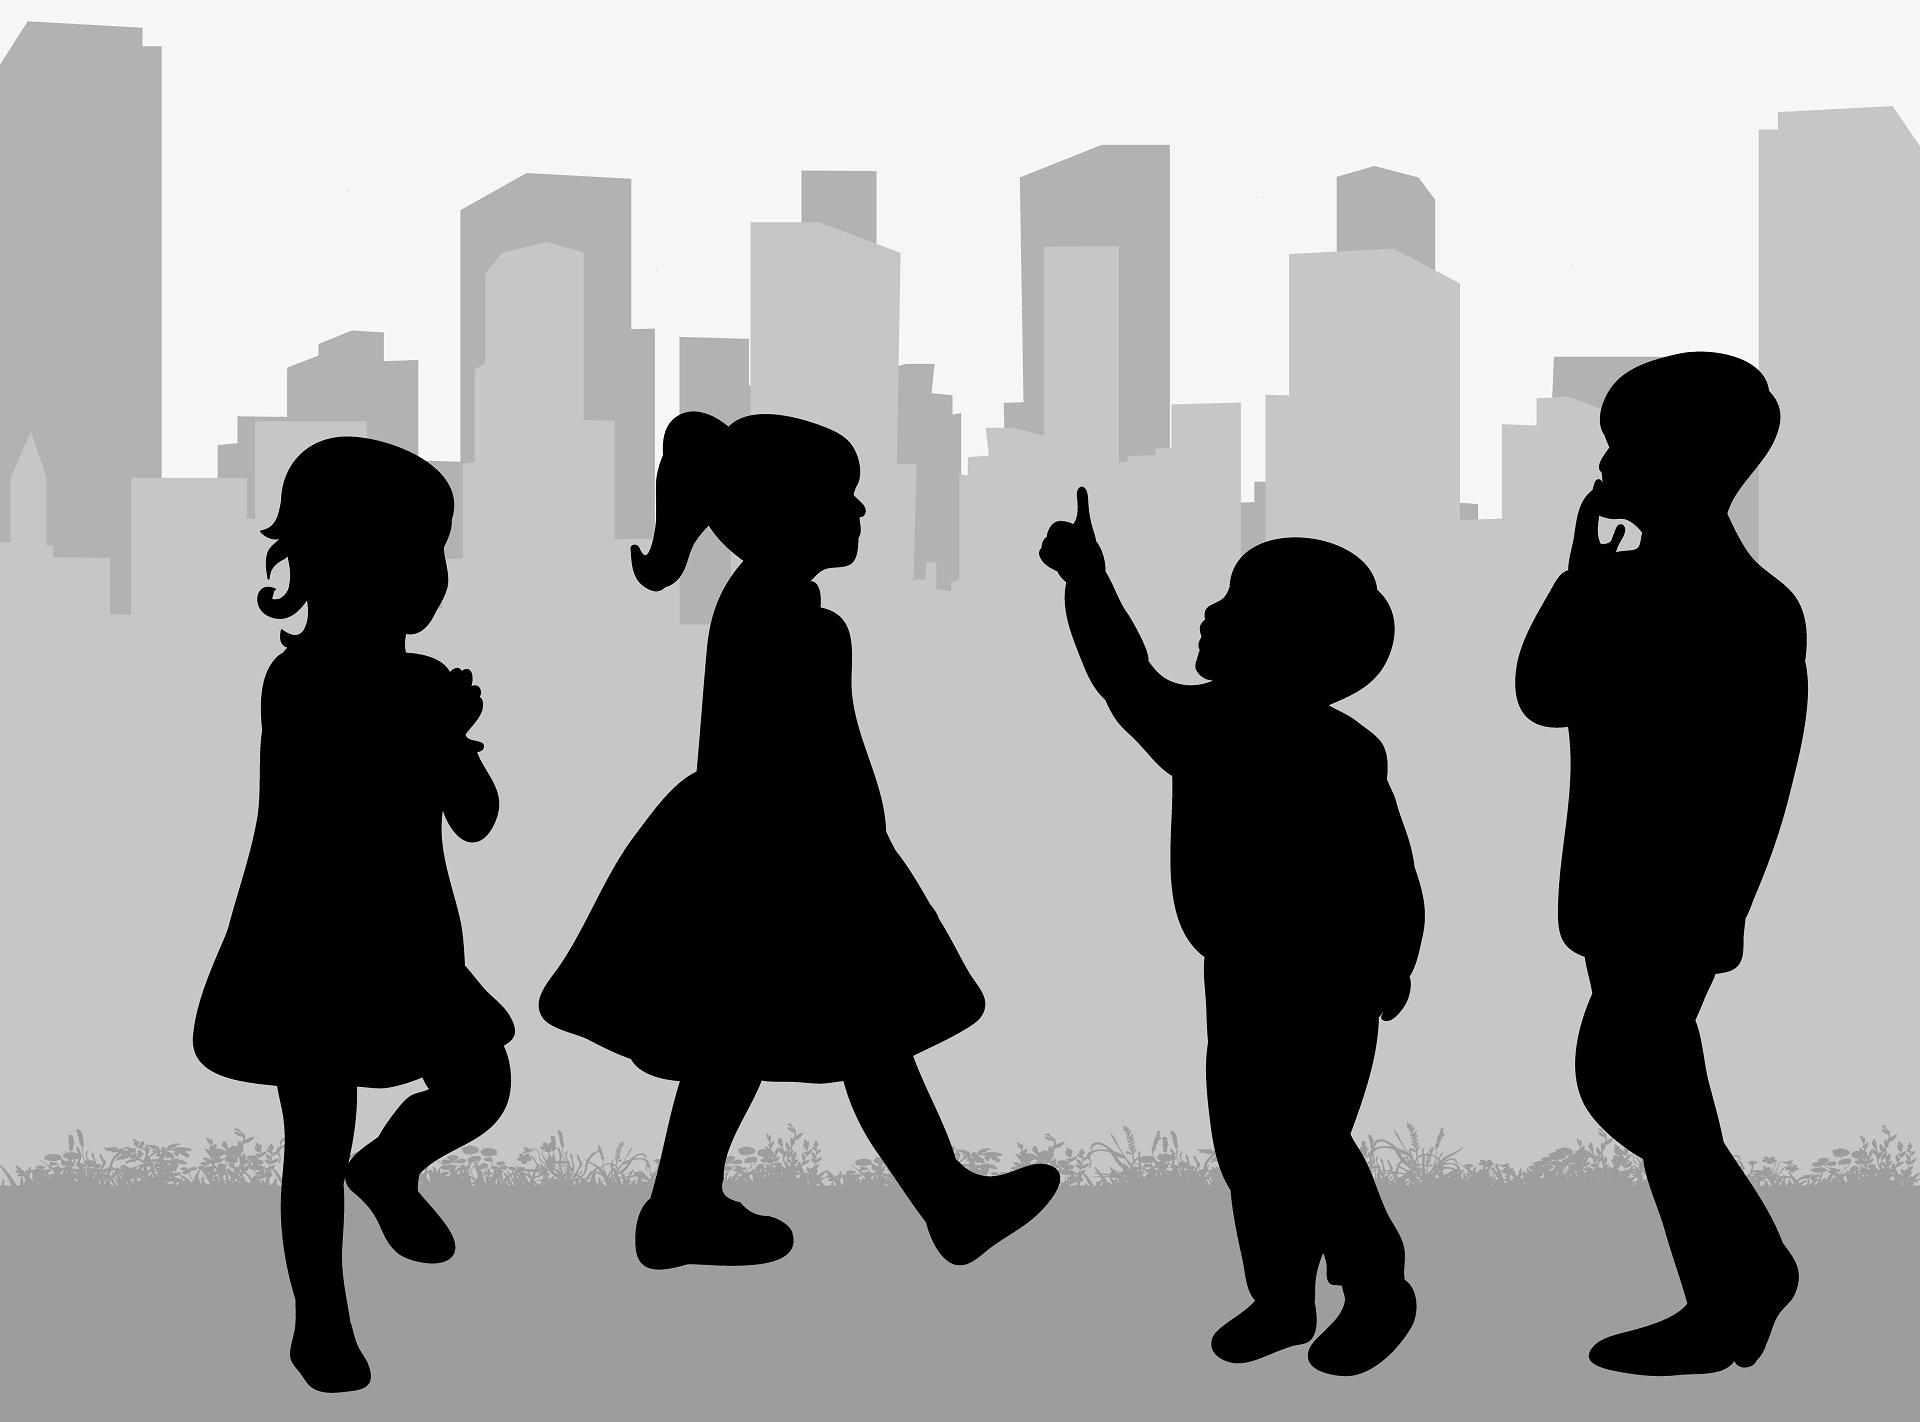 生養孩子「獨生子女VS.多子女」投保規劃重點大不同